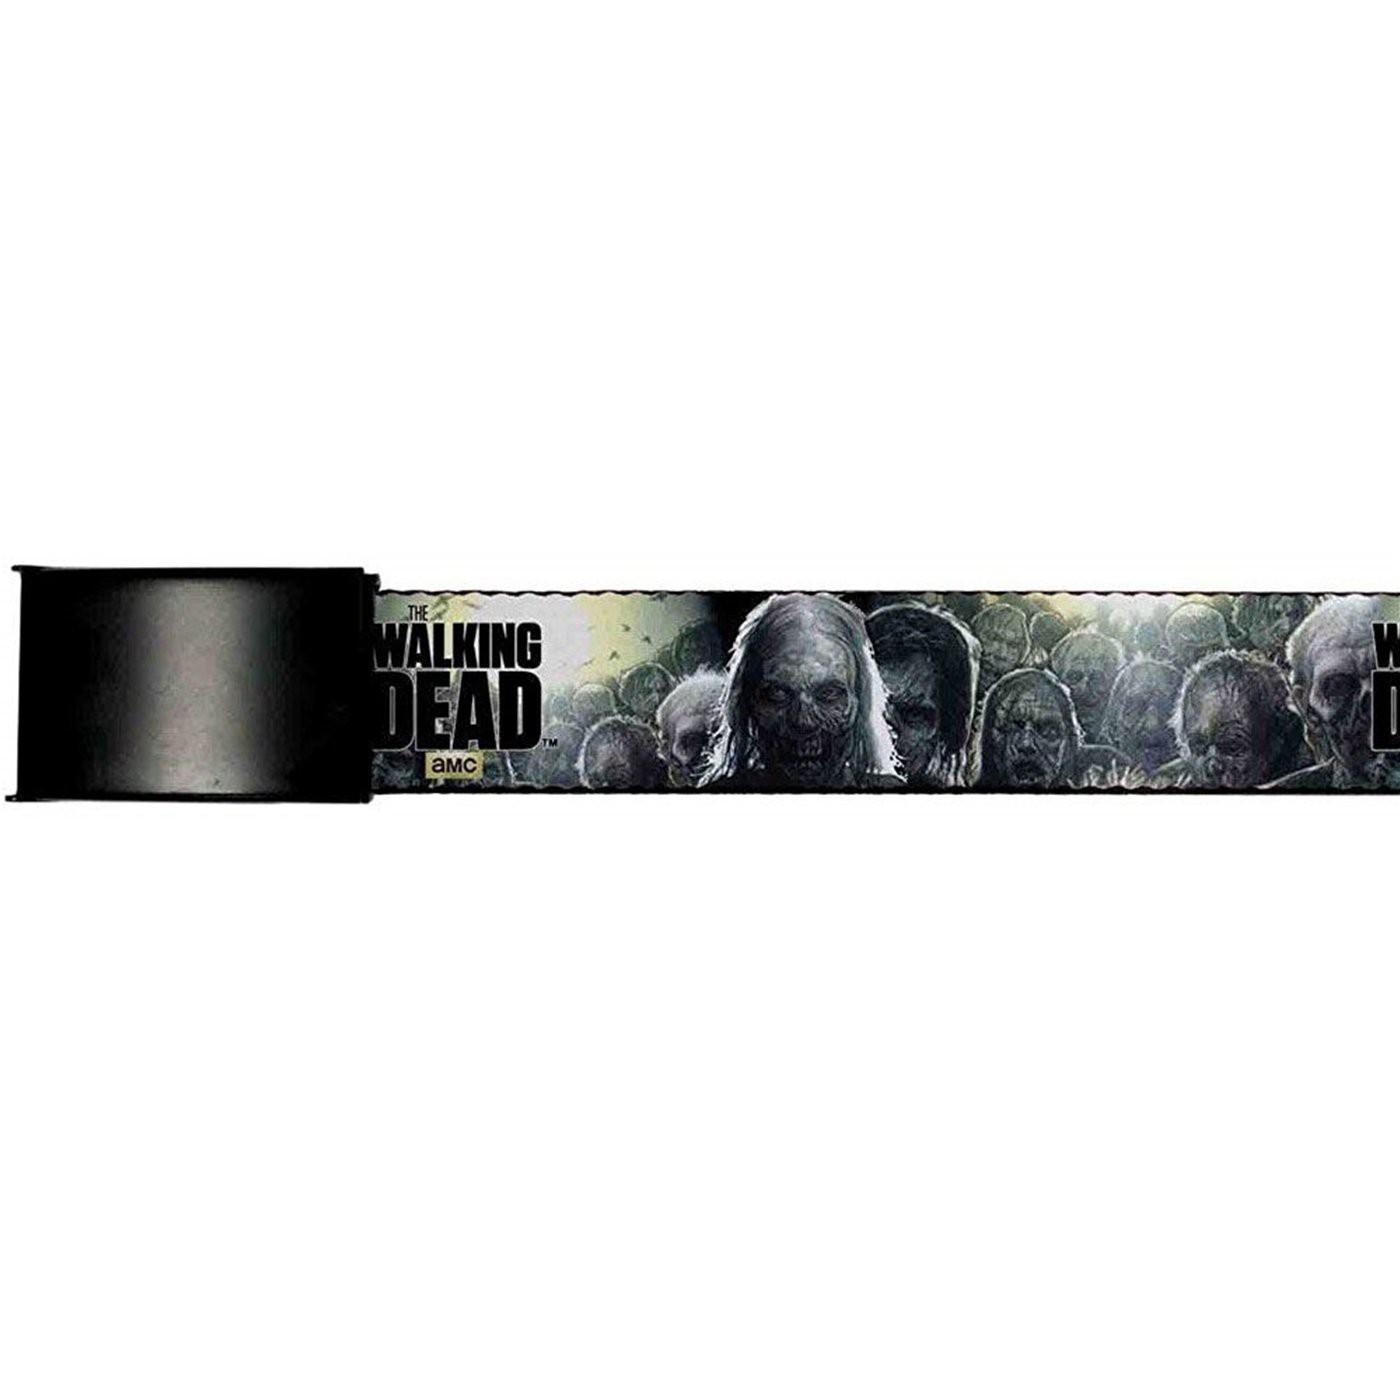 Walking Dead Title Belt